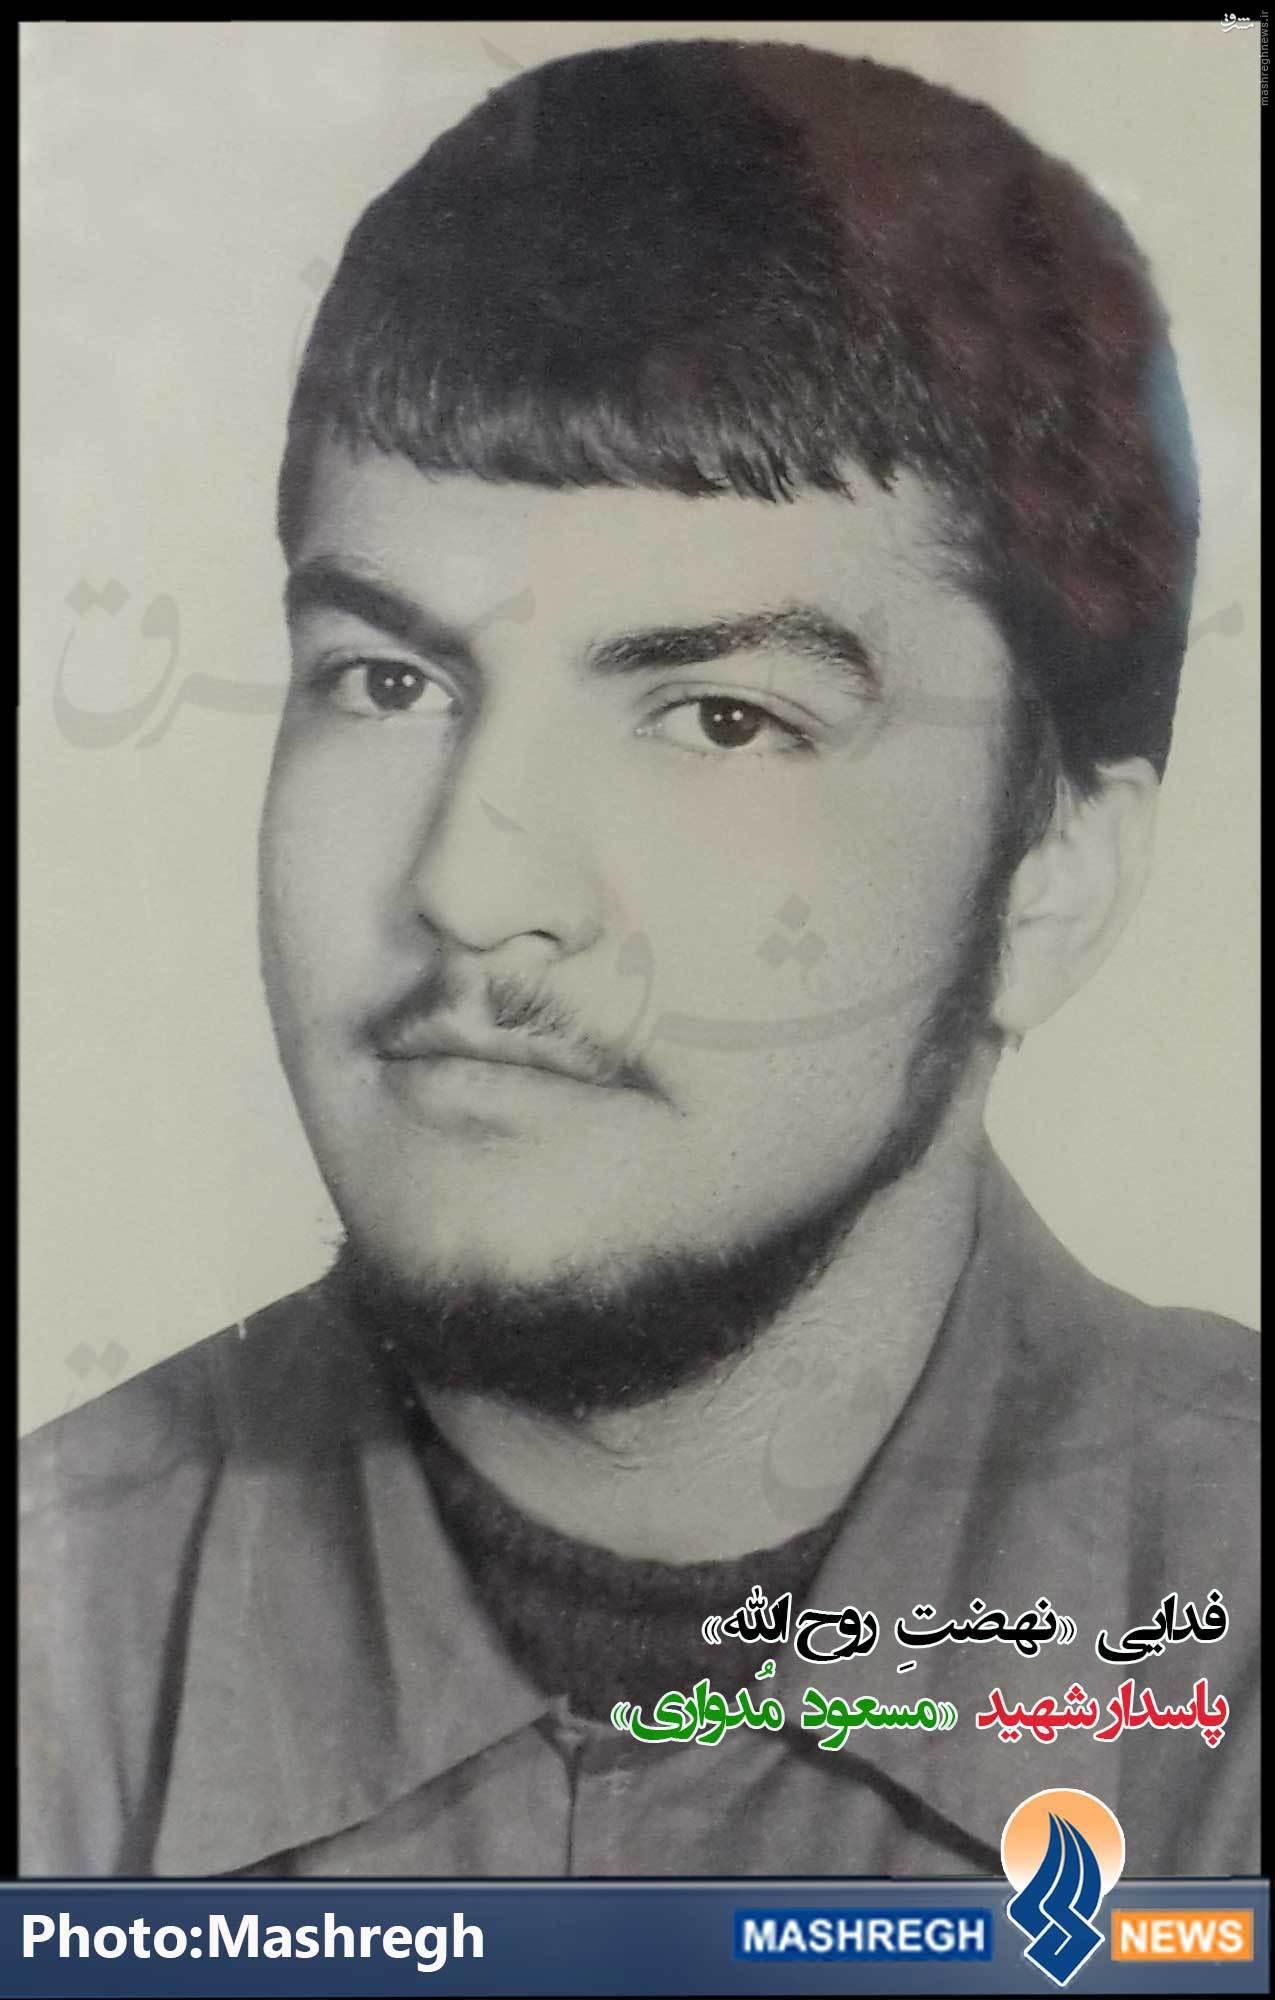 شهیدی که امروز میهمان دارد+تصاویر